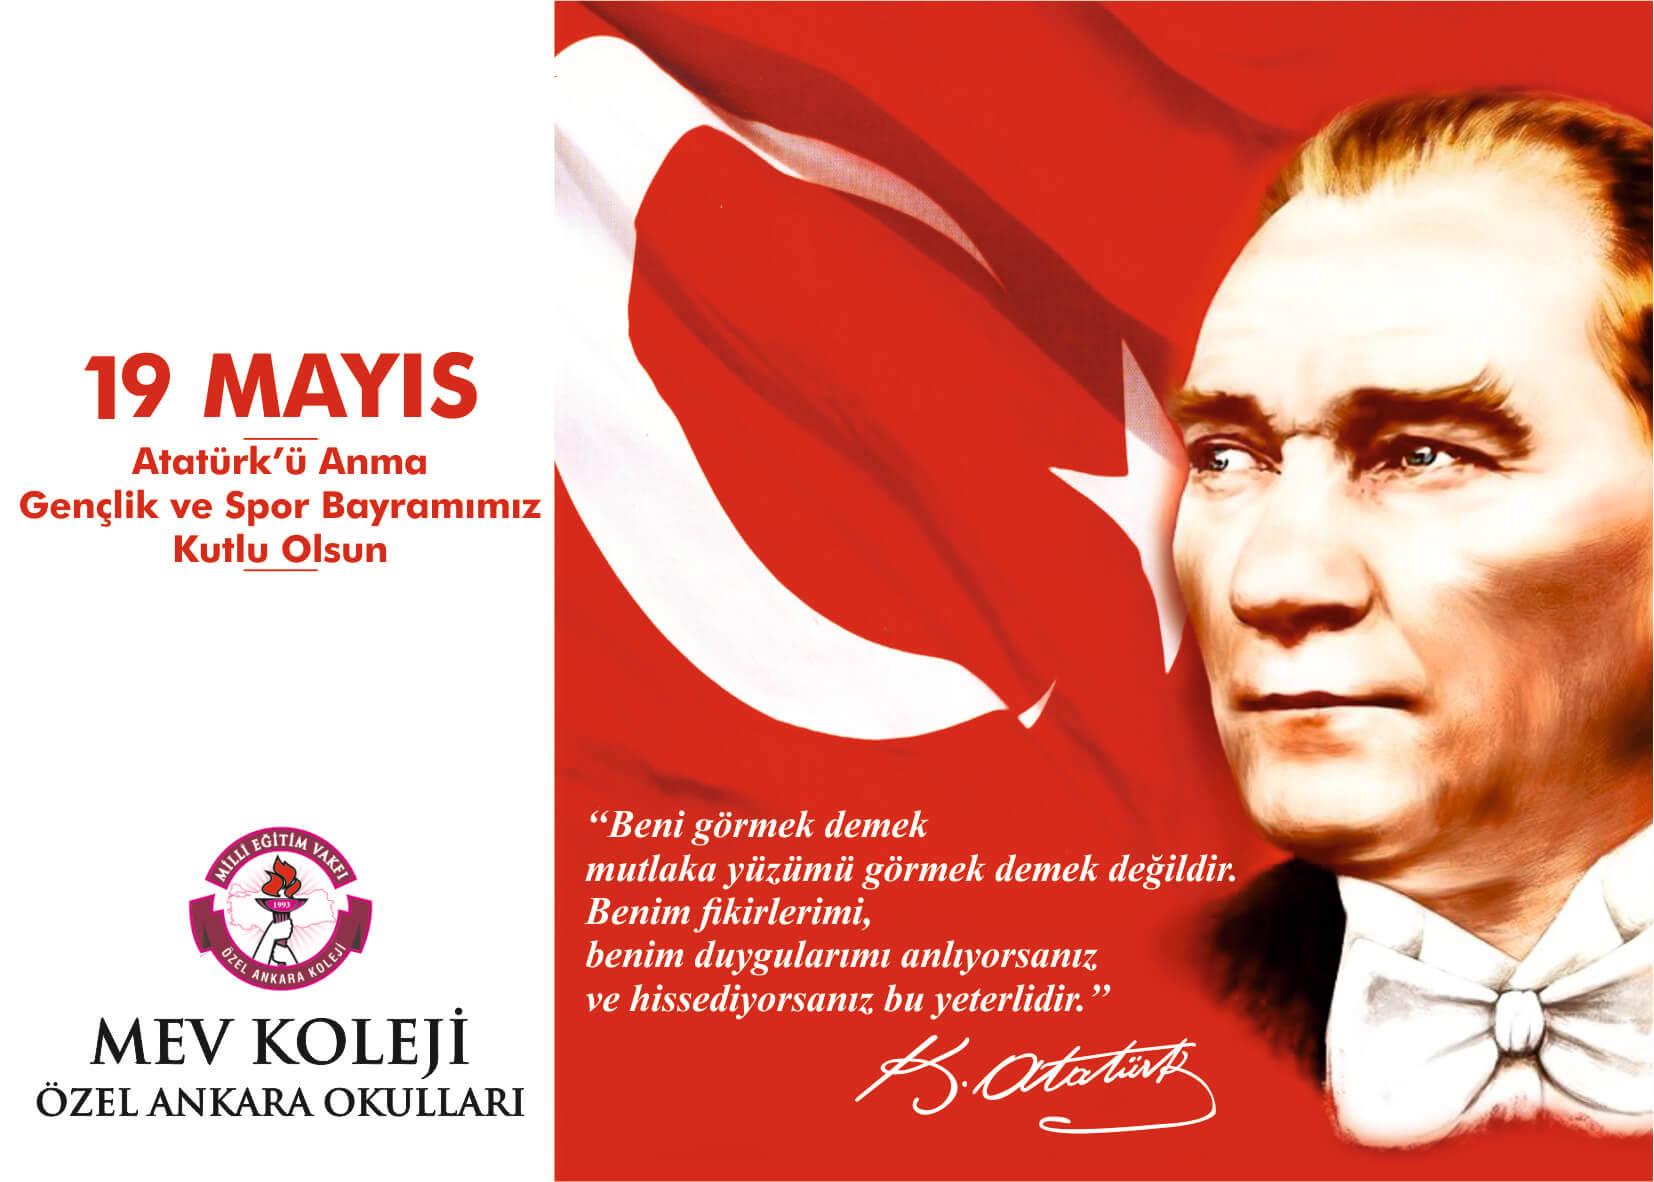 19 Mayıs Atatürk'ü Anma, Gençlik ve Spor Bayramı Törenimiz